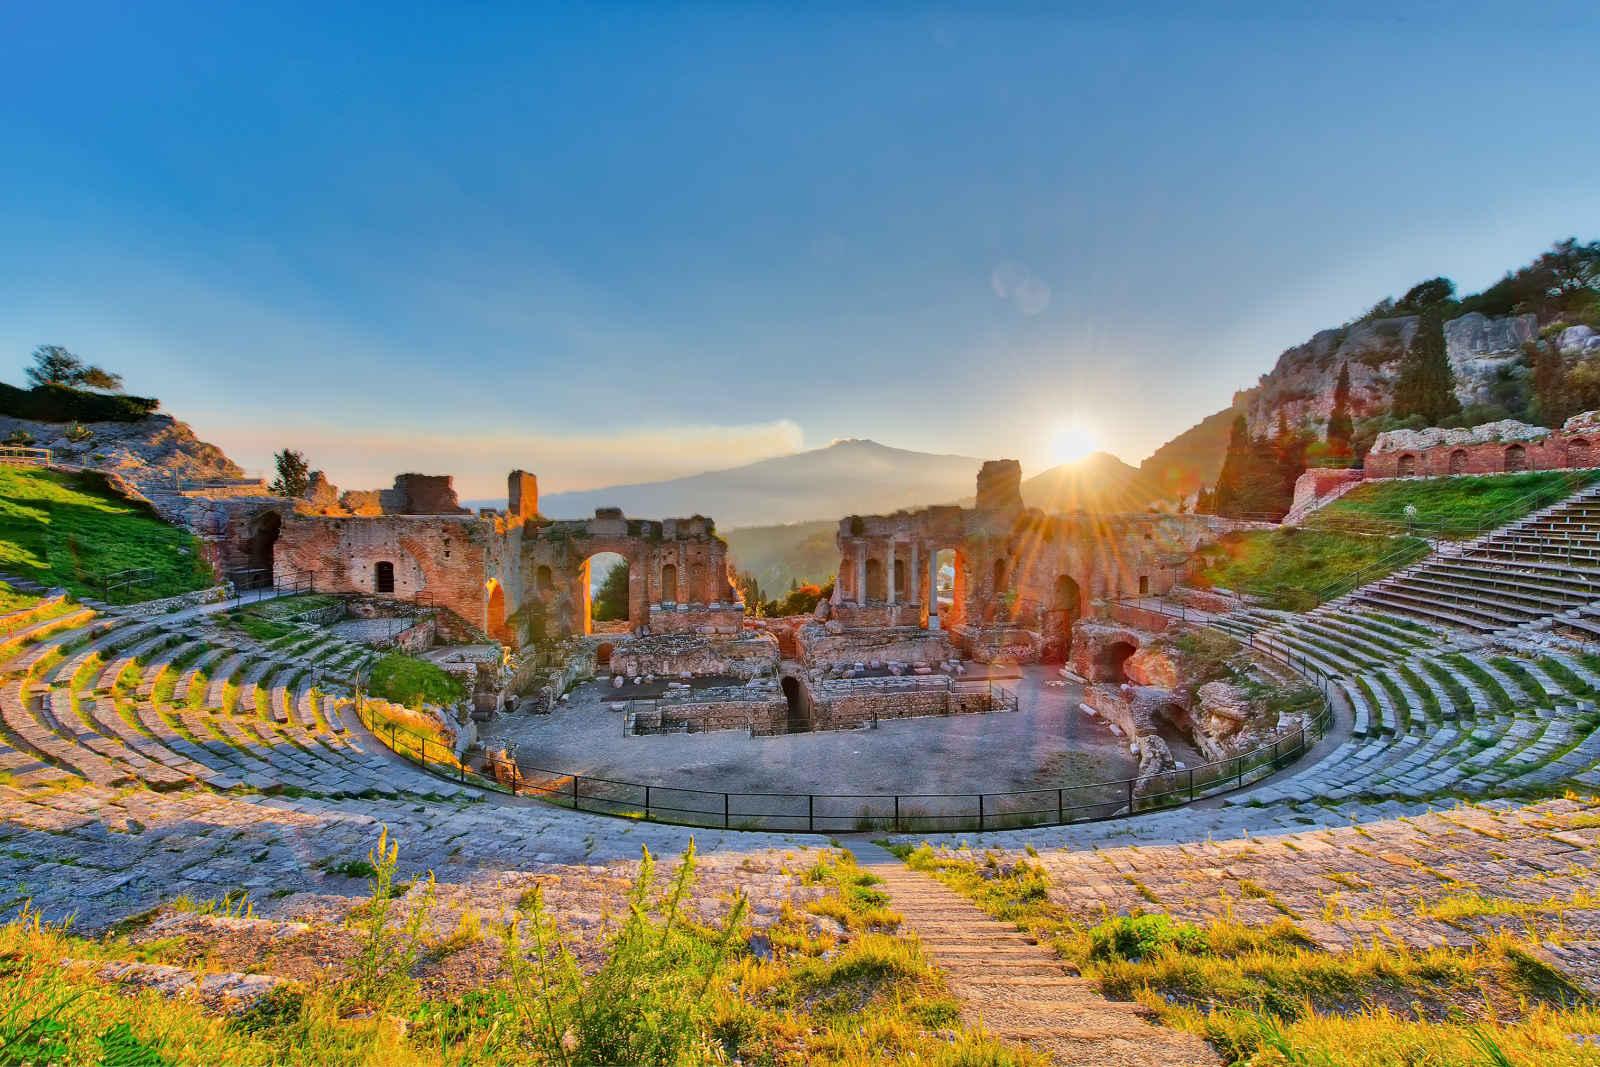 Italie - Sicile - Autotour Mitica